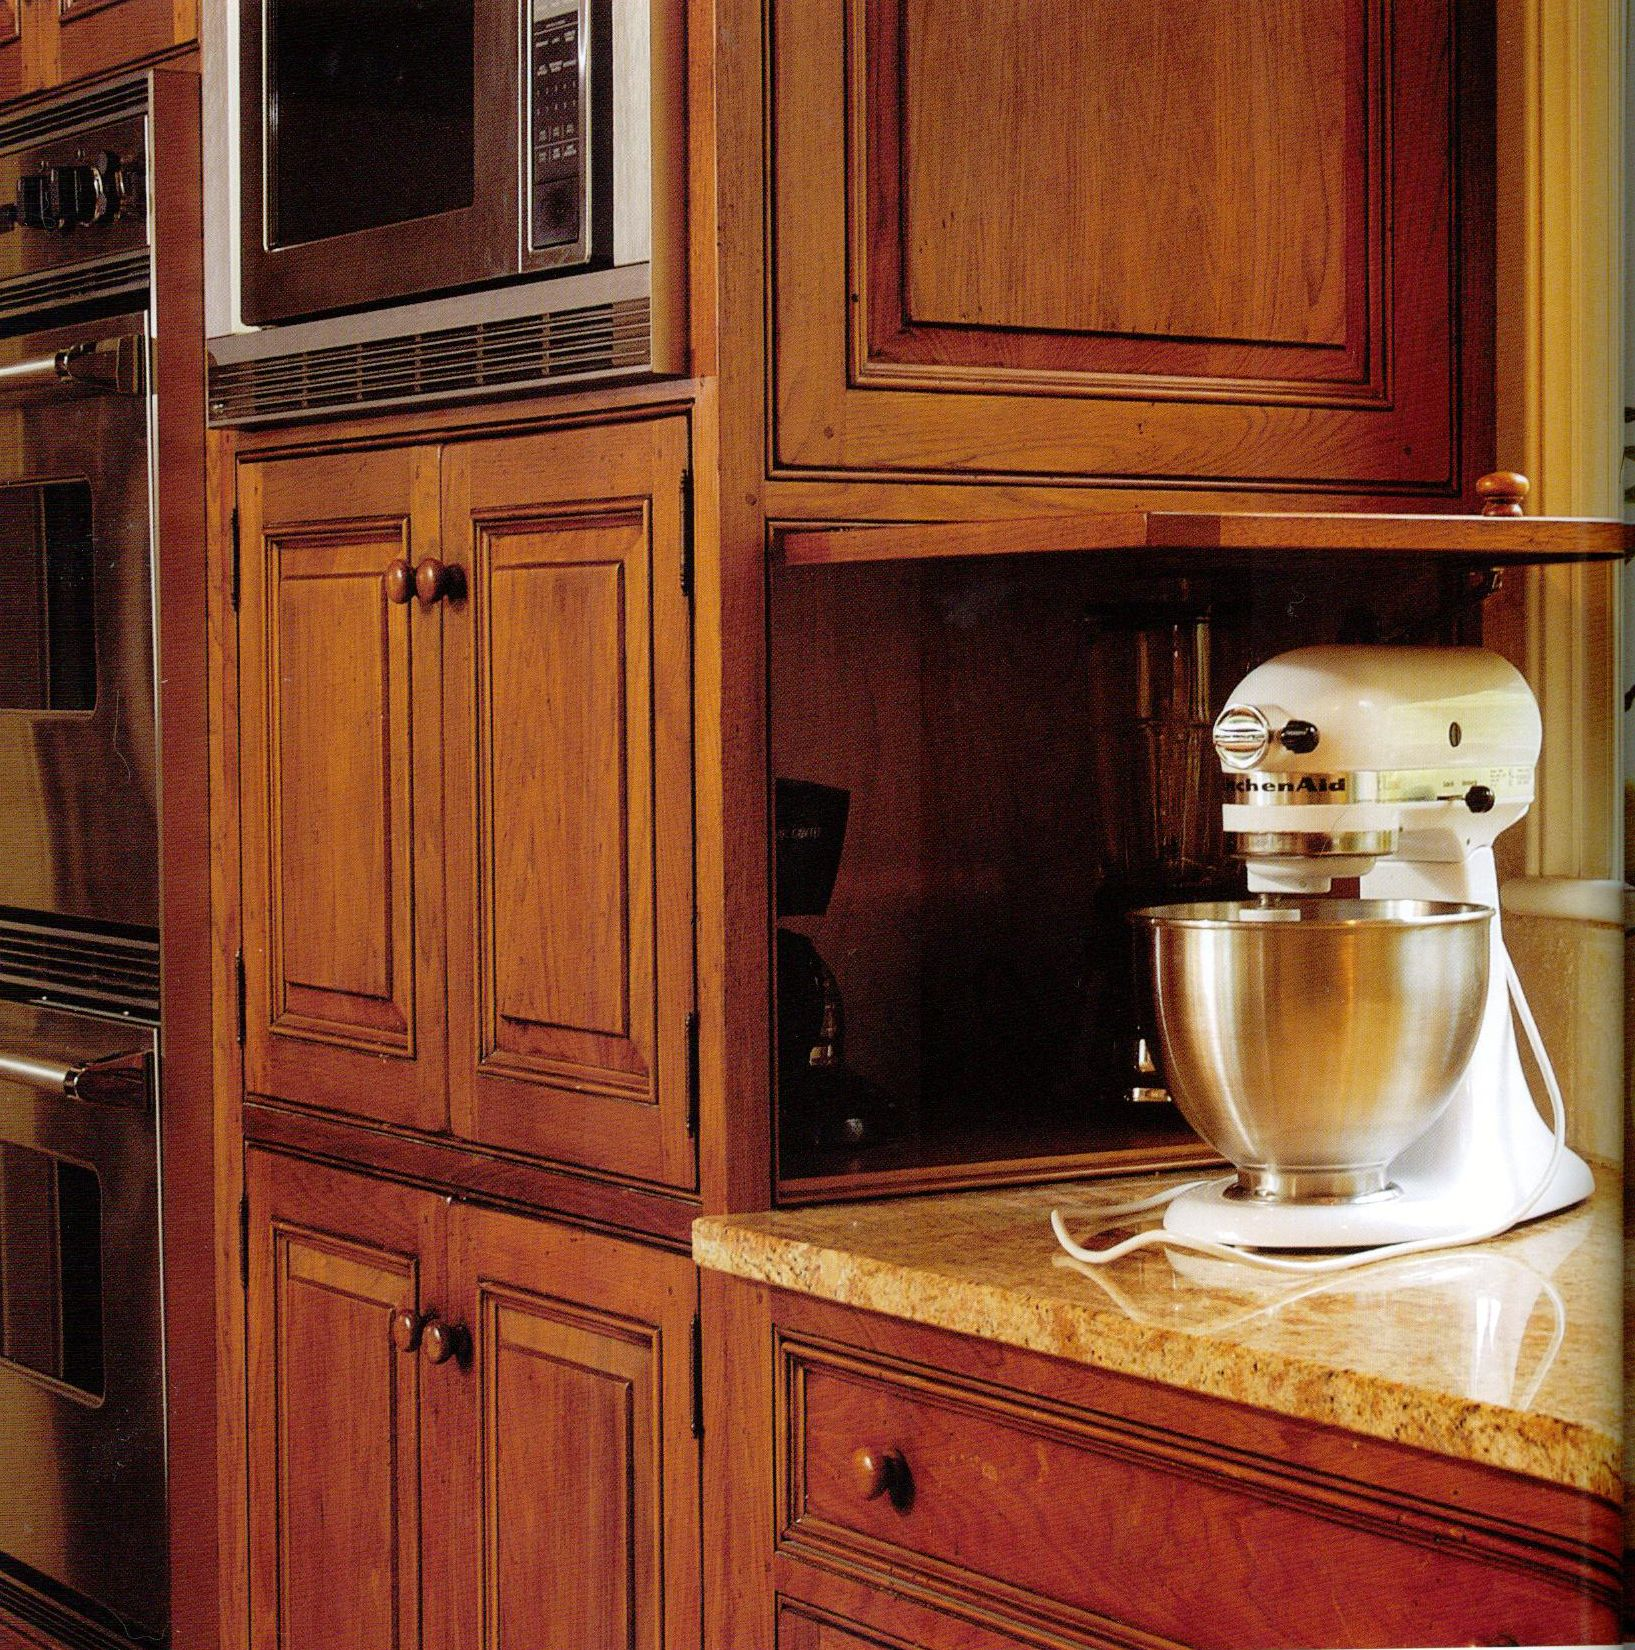 kitchen appliance garage kitchen kitchen appliances appliance garage on kitchen appliances id=64561